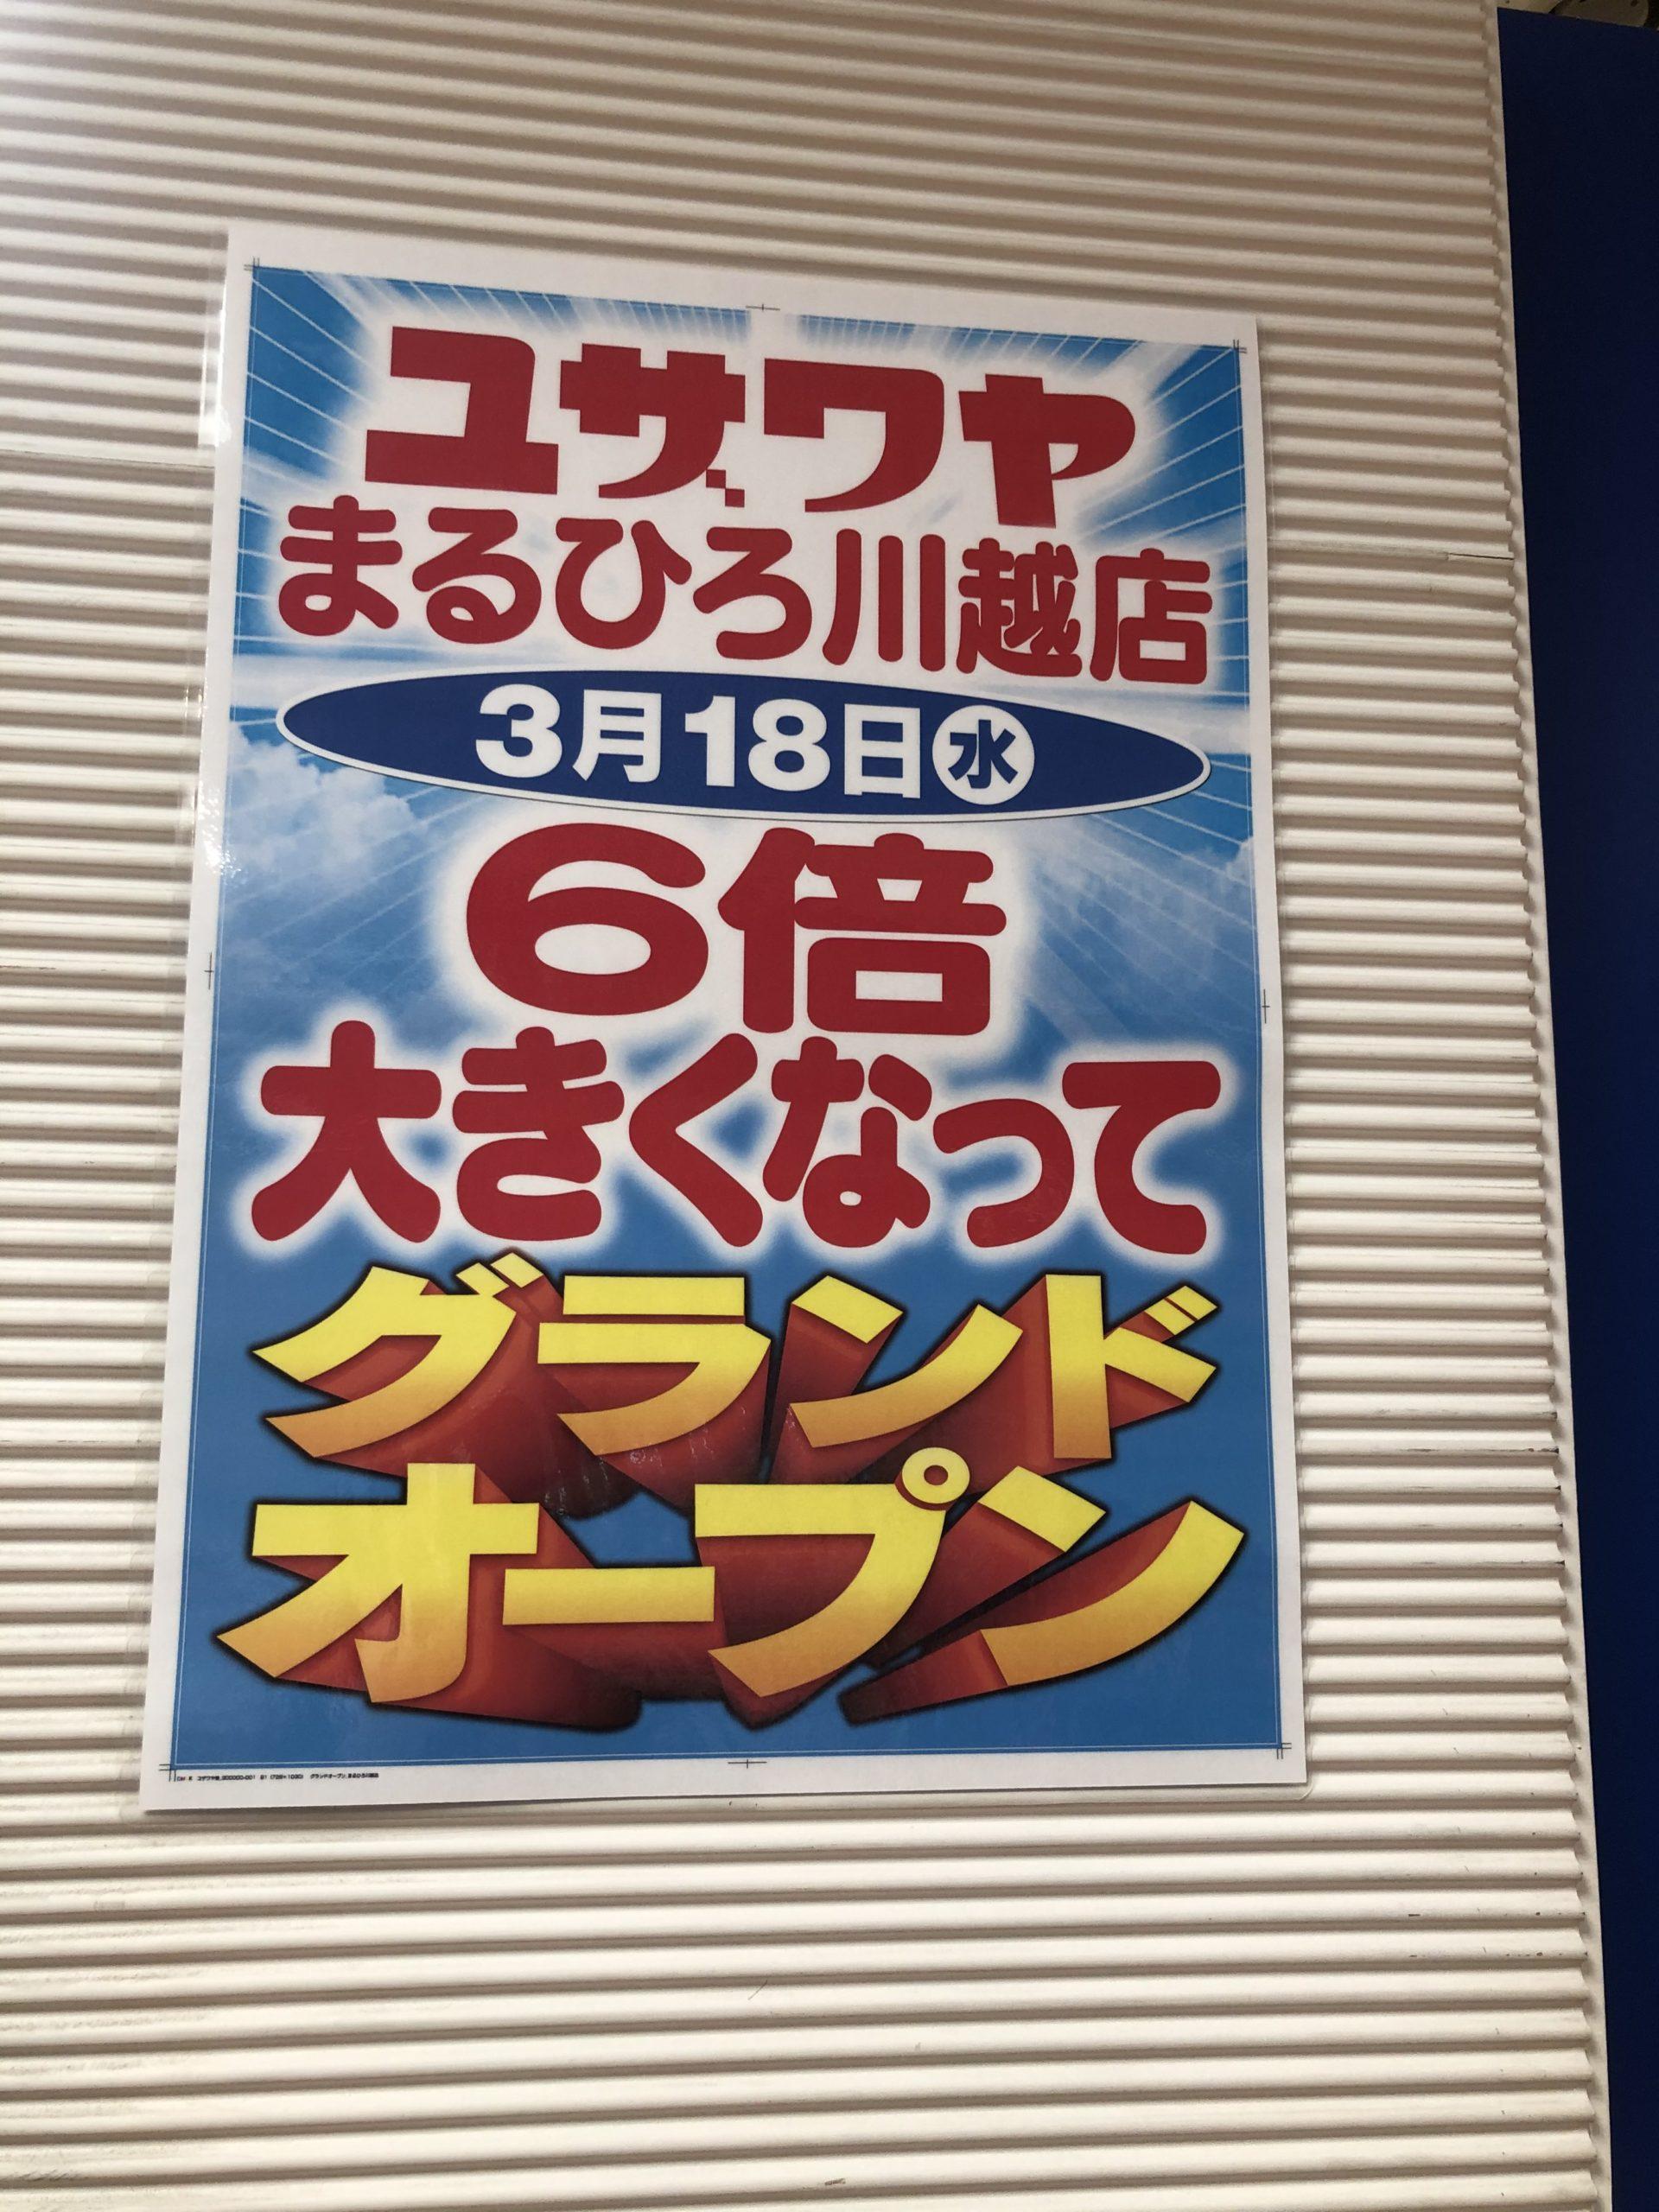 【川越】まるひろ店にユザワヤがオープン!モディから移転で6倍の大きさに!!